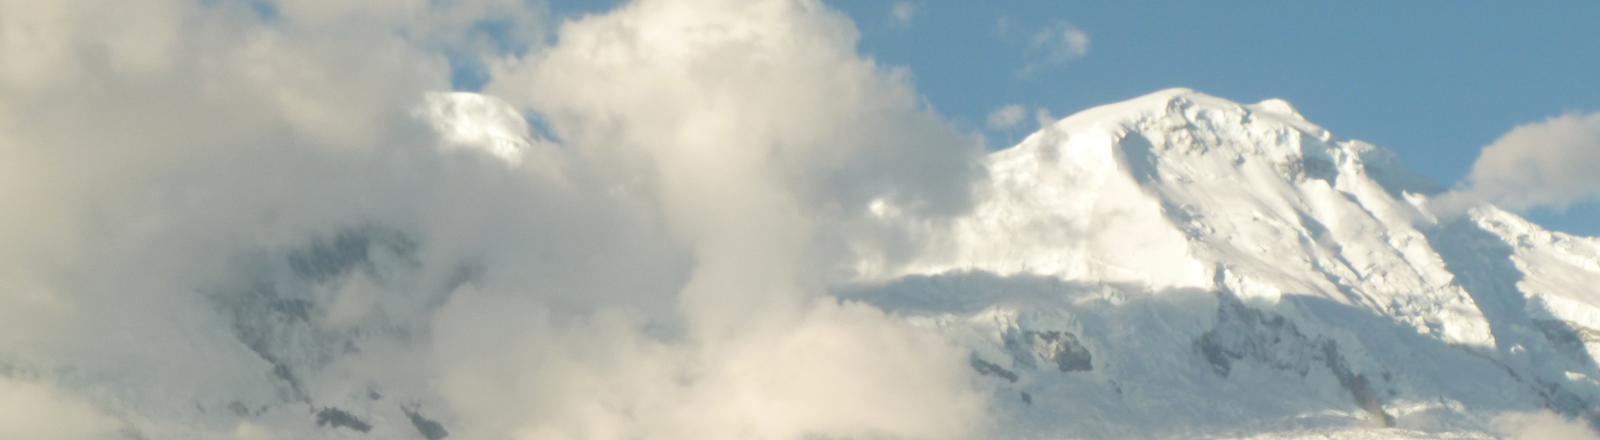 Wolken über den Überresten der Stadt Yungai in Peru